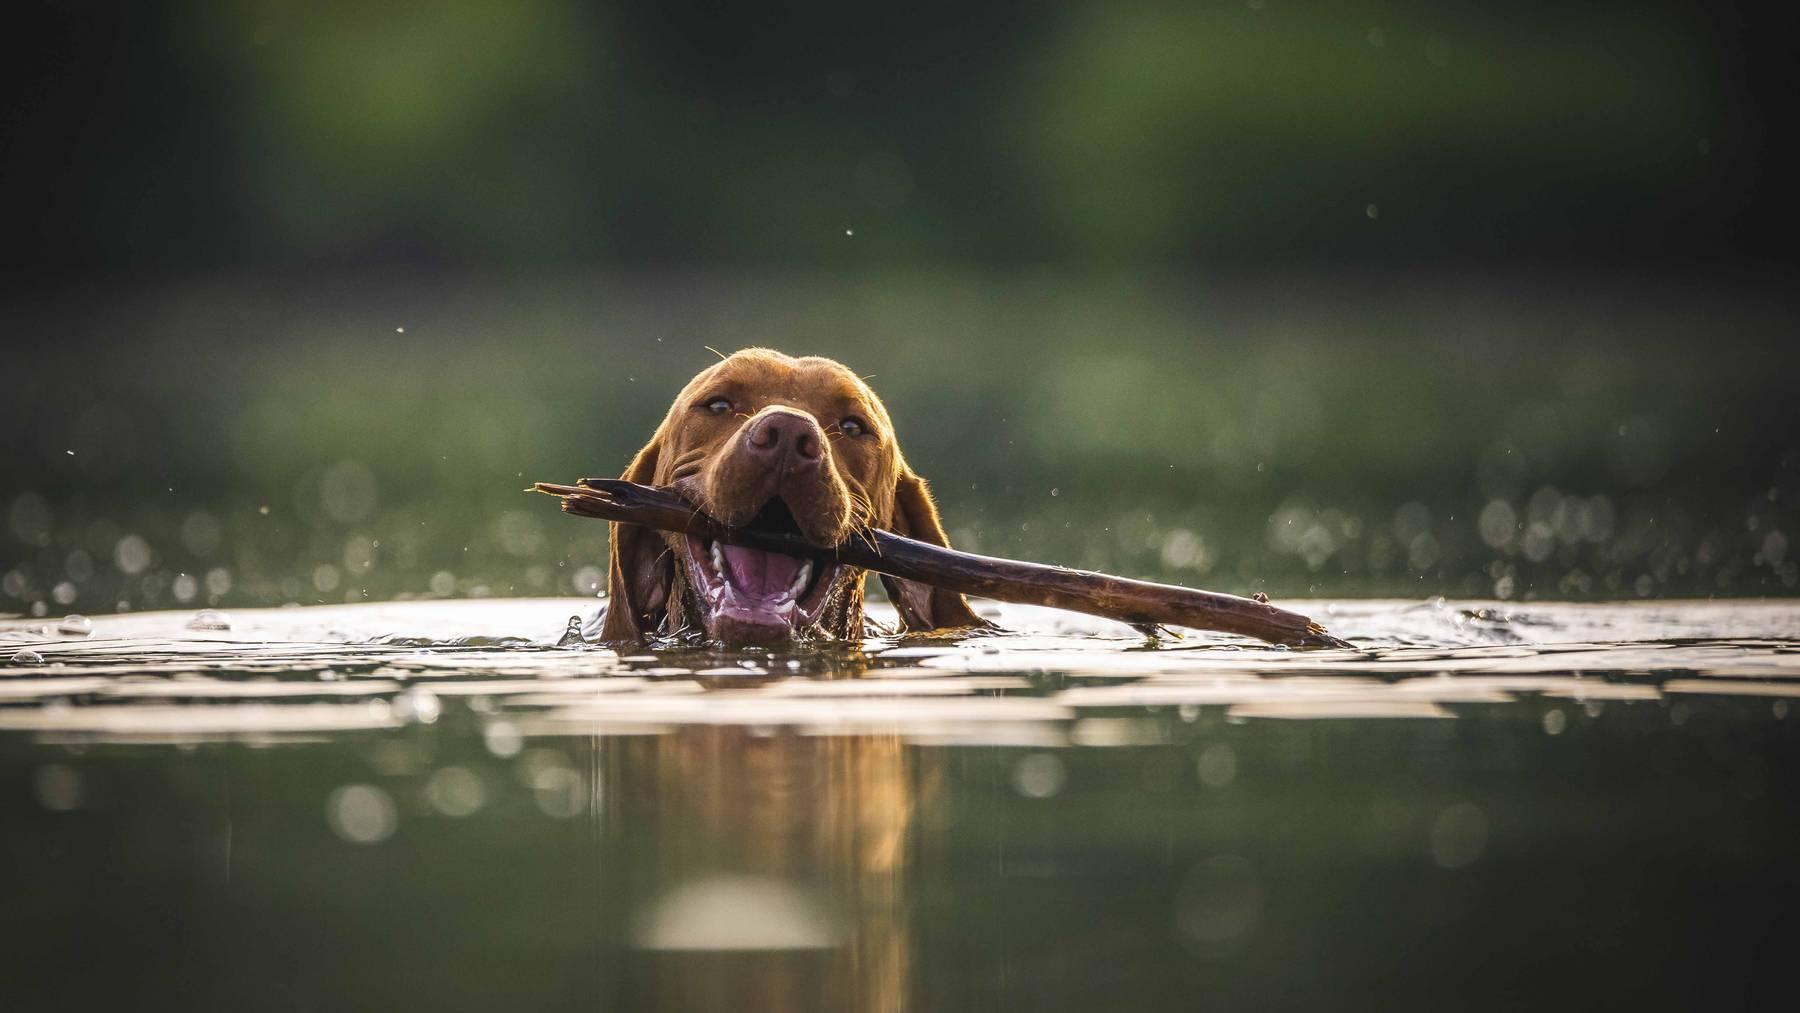 Hund am baden